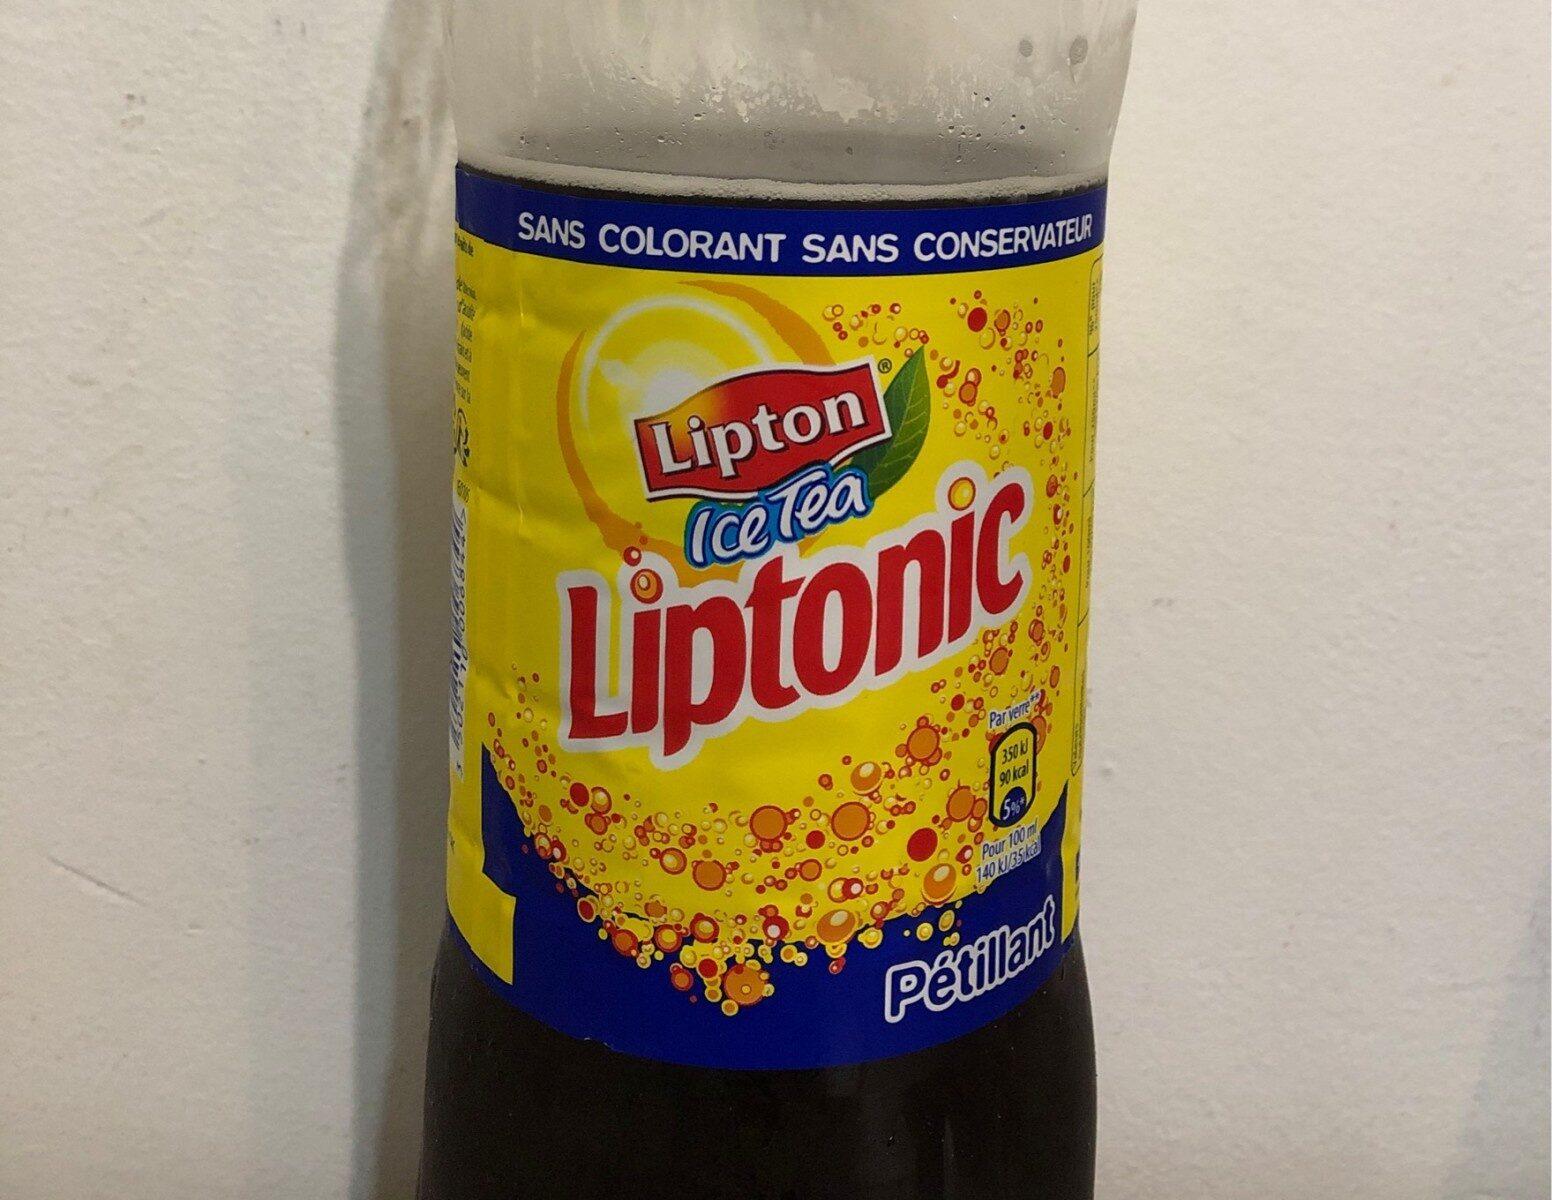 Lipton Liptonic pétillant 1,5 L - Produit - fr